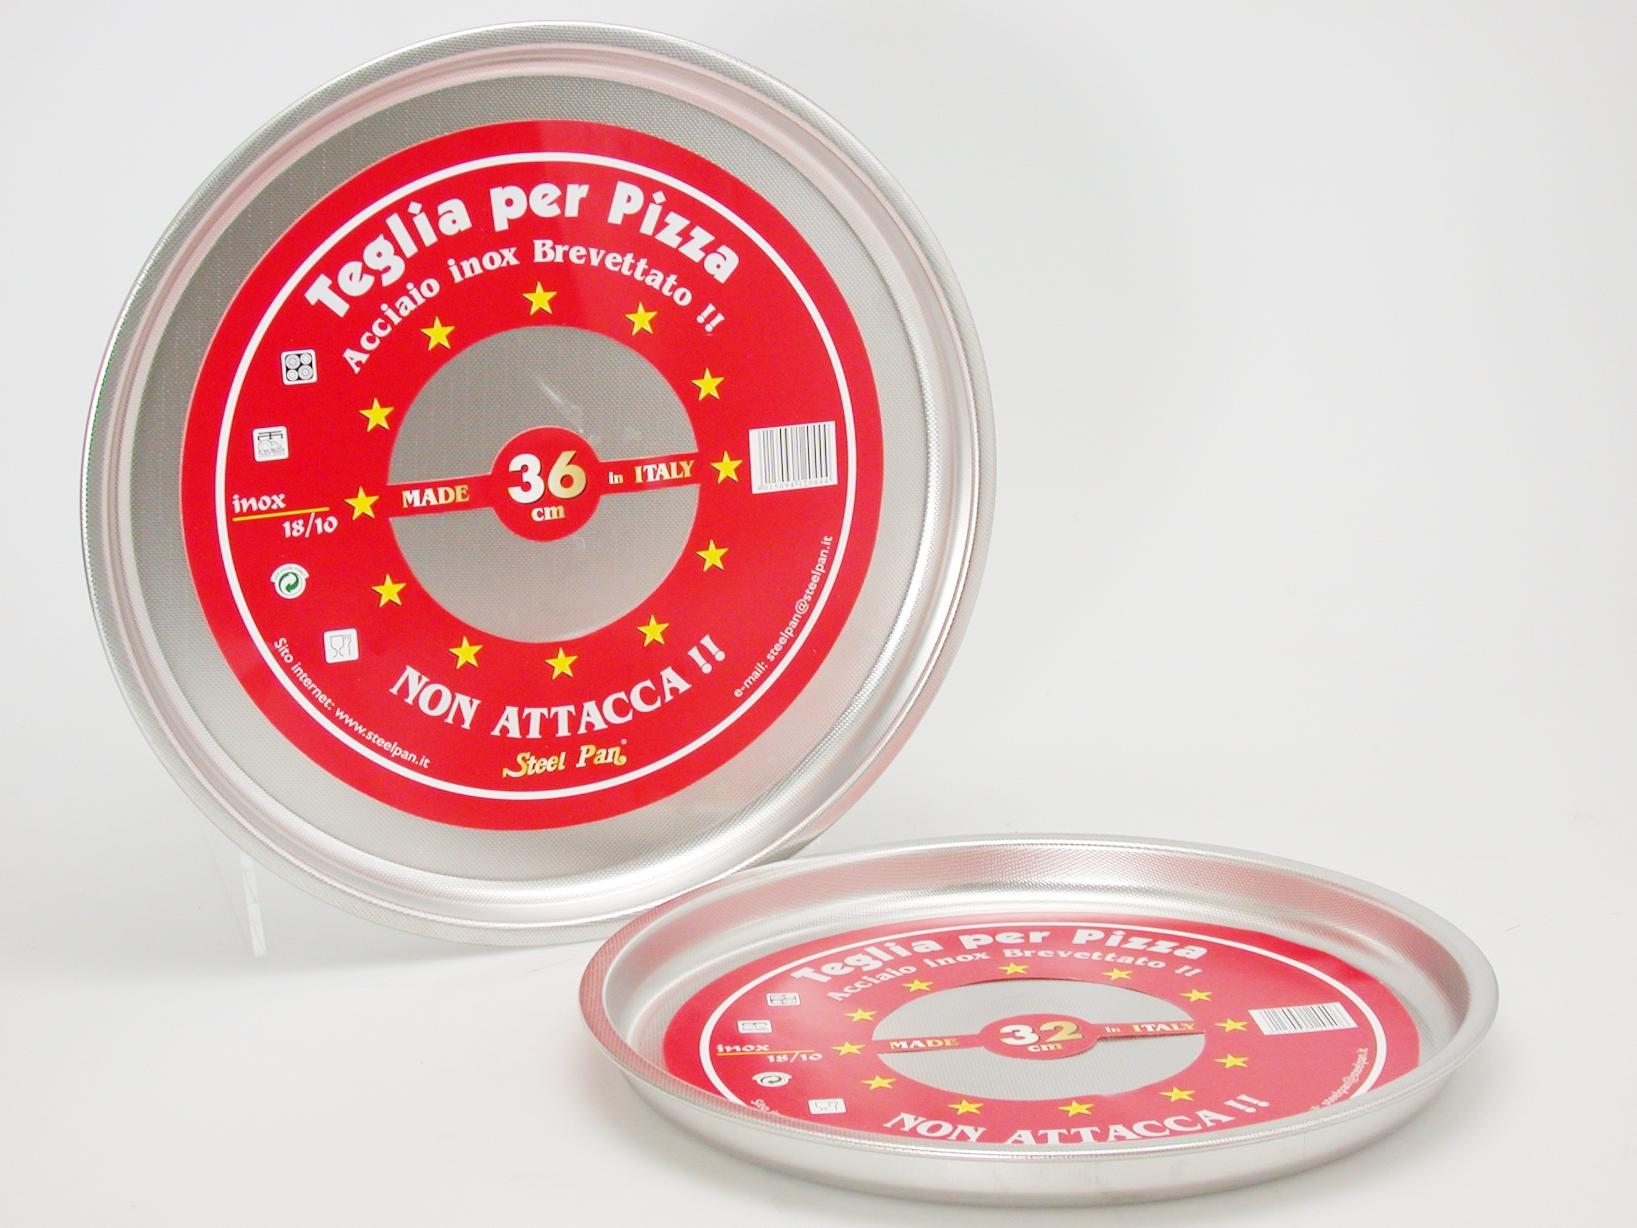 Acquista Teglia Pizza Tondo Nonstick 24 17514020   Glooke.com